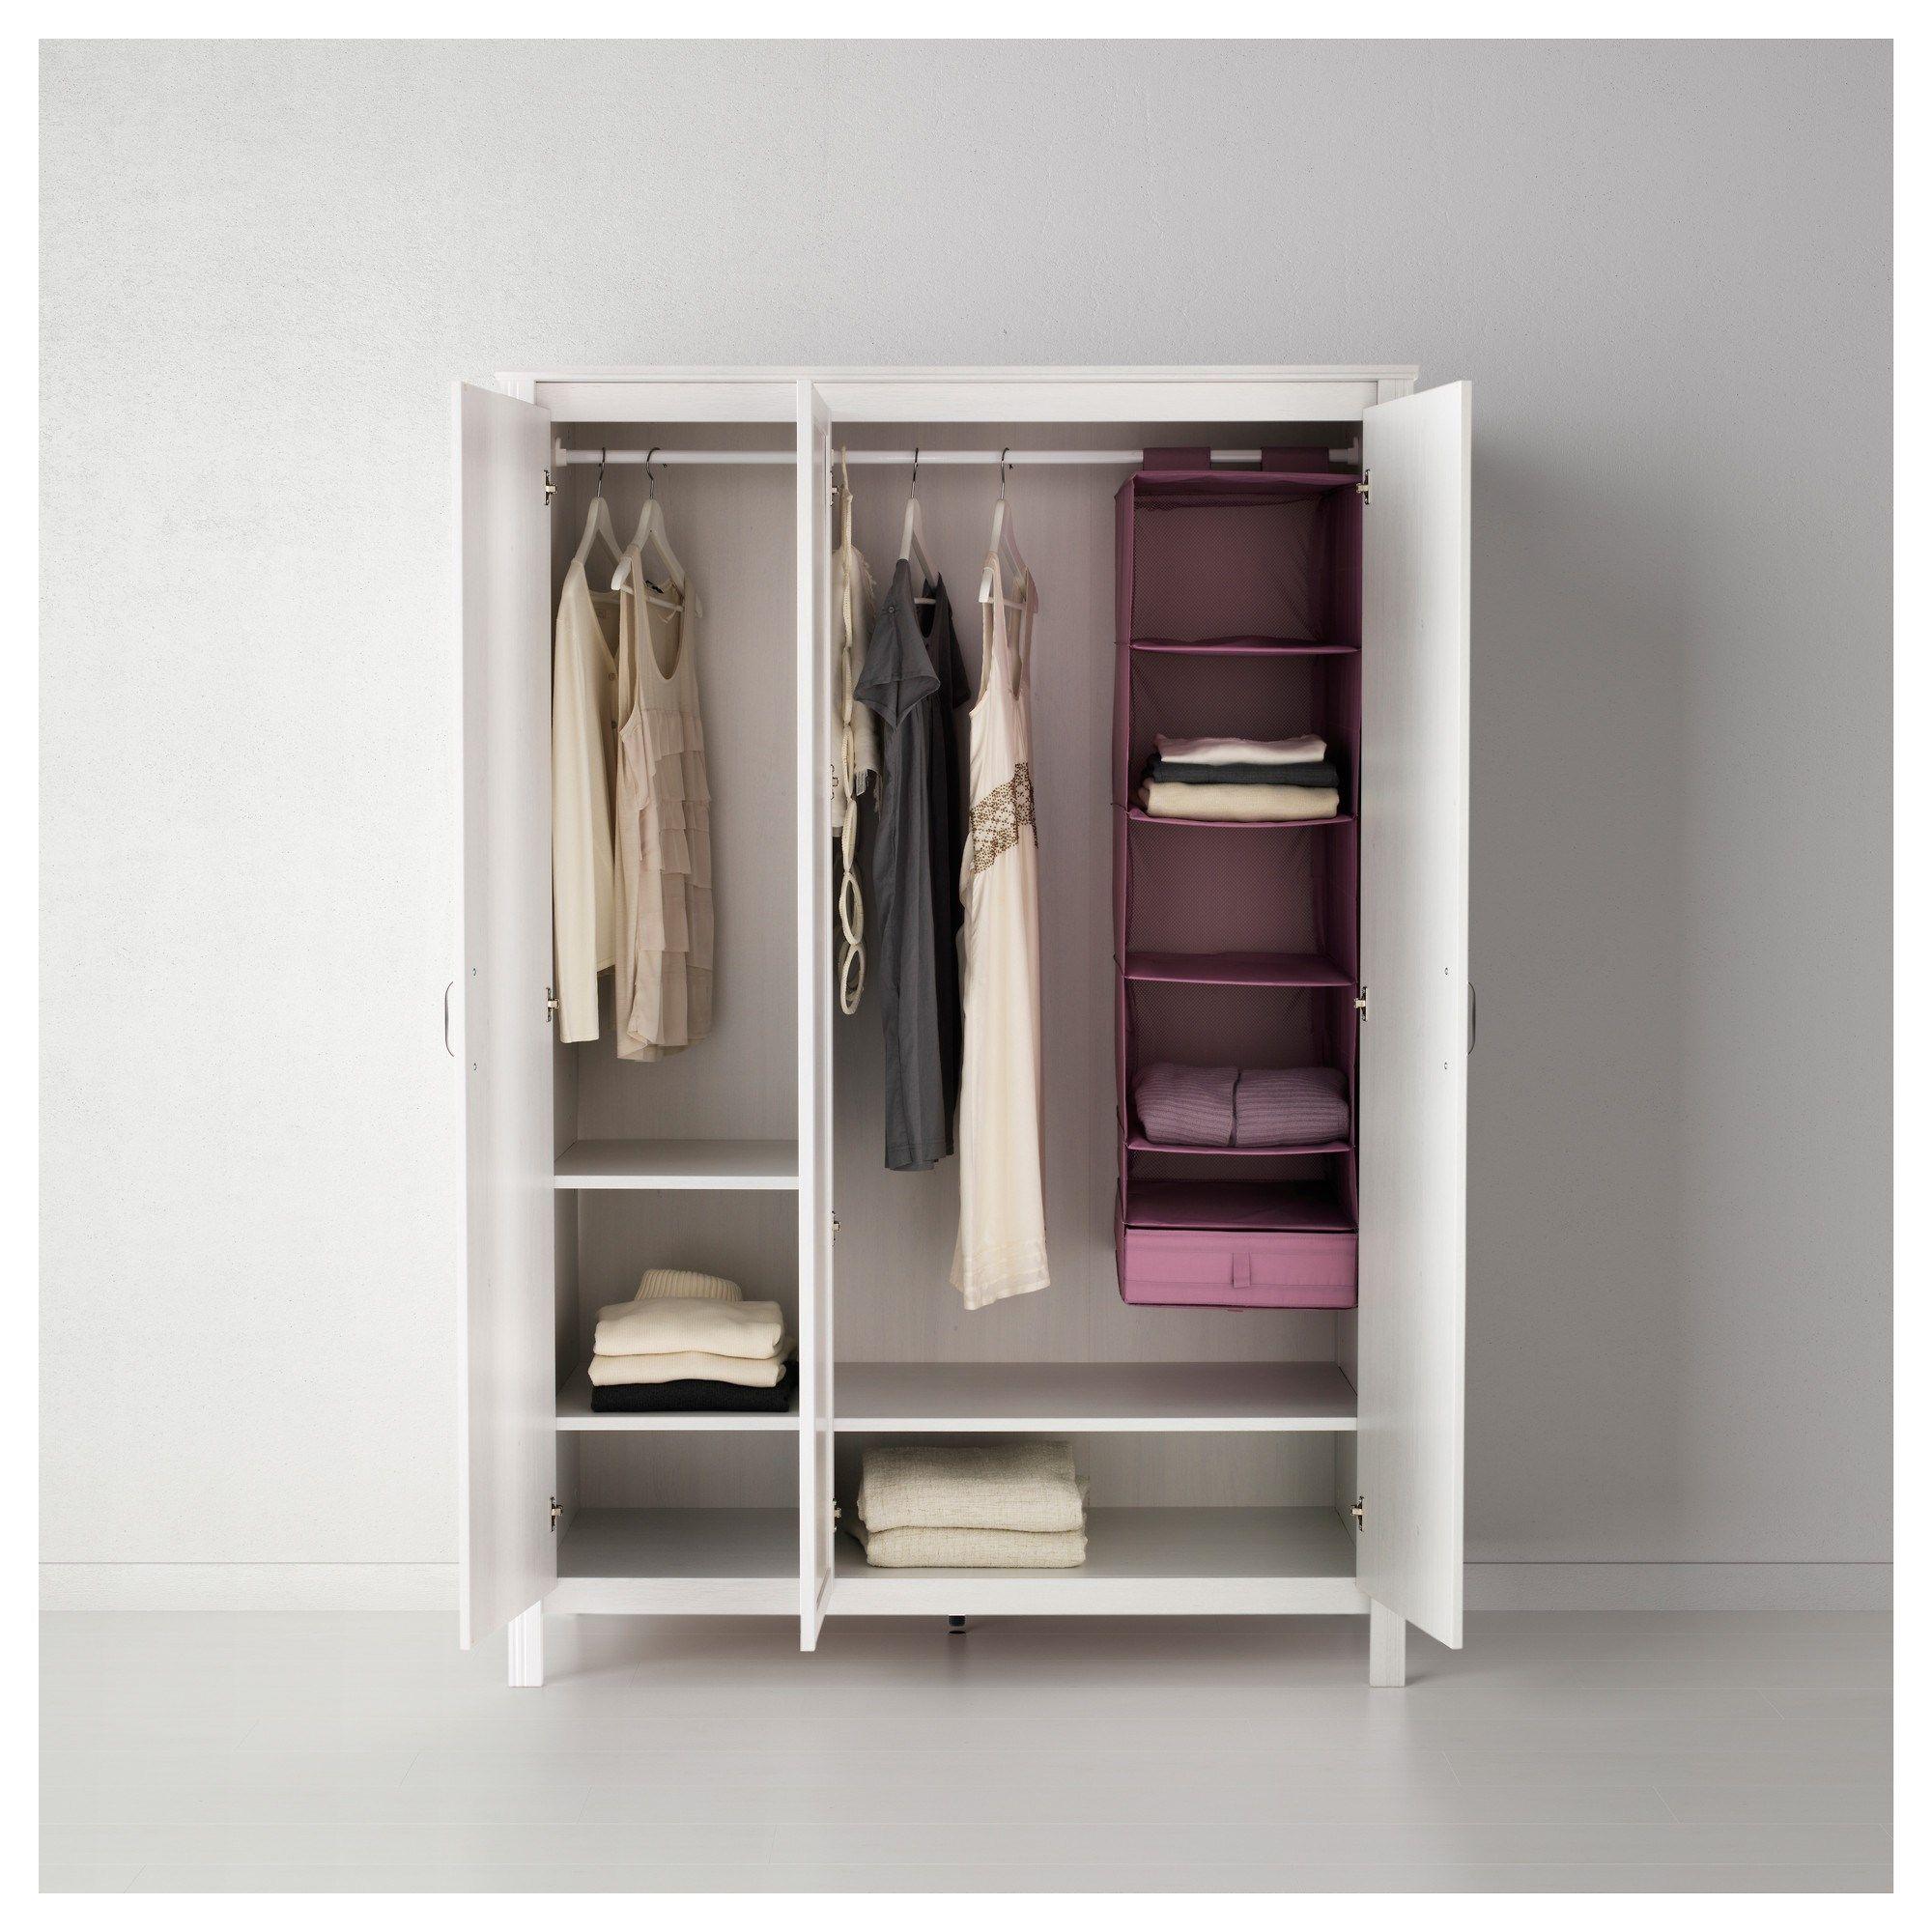 Brusali Gardirop Beyaz 131x190 Cm Ikea Brusali Kleiderschrank Kleiderschrank Ikea Kleiderschrank